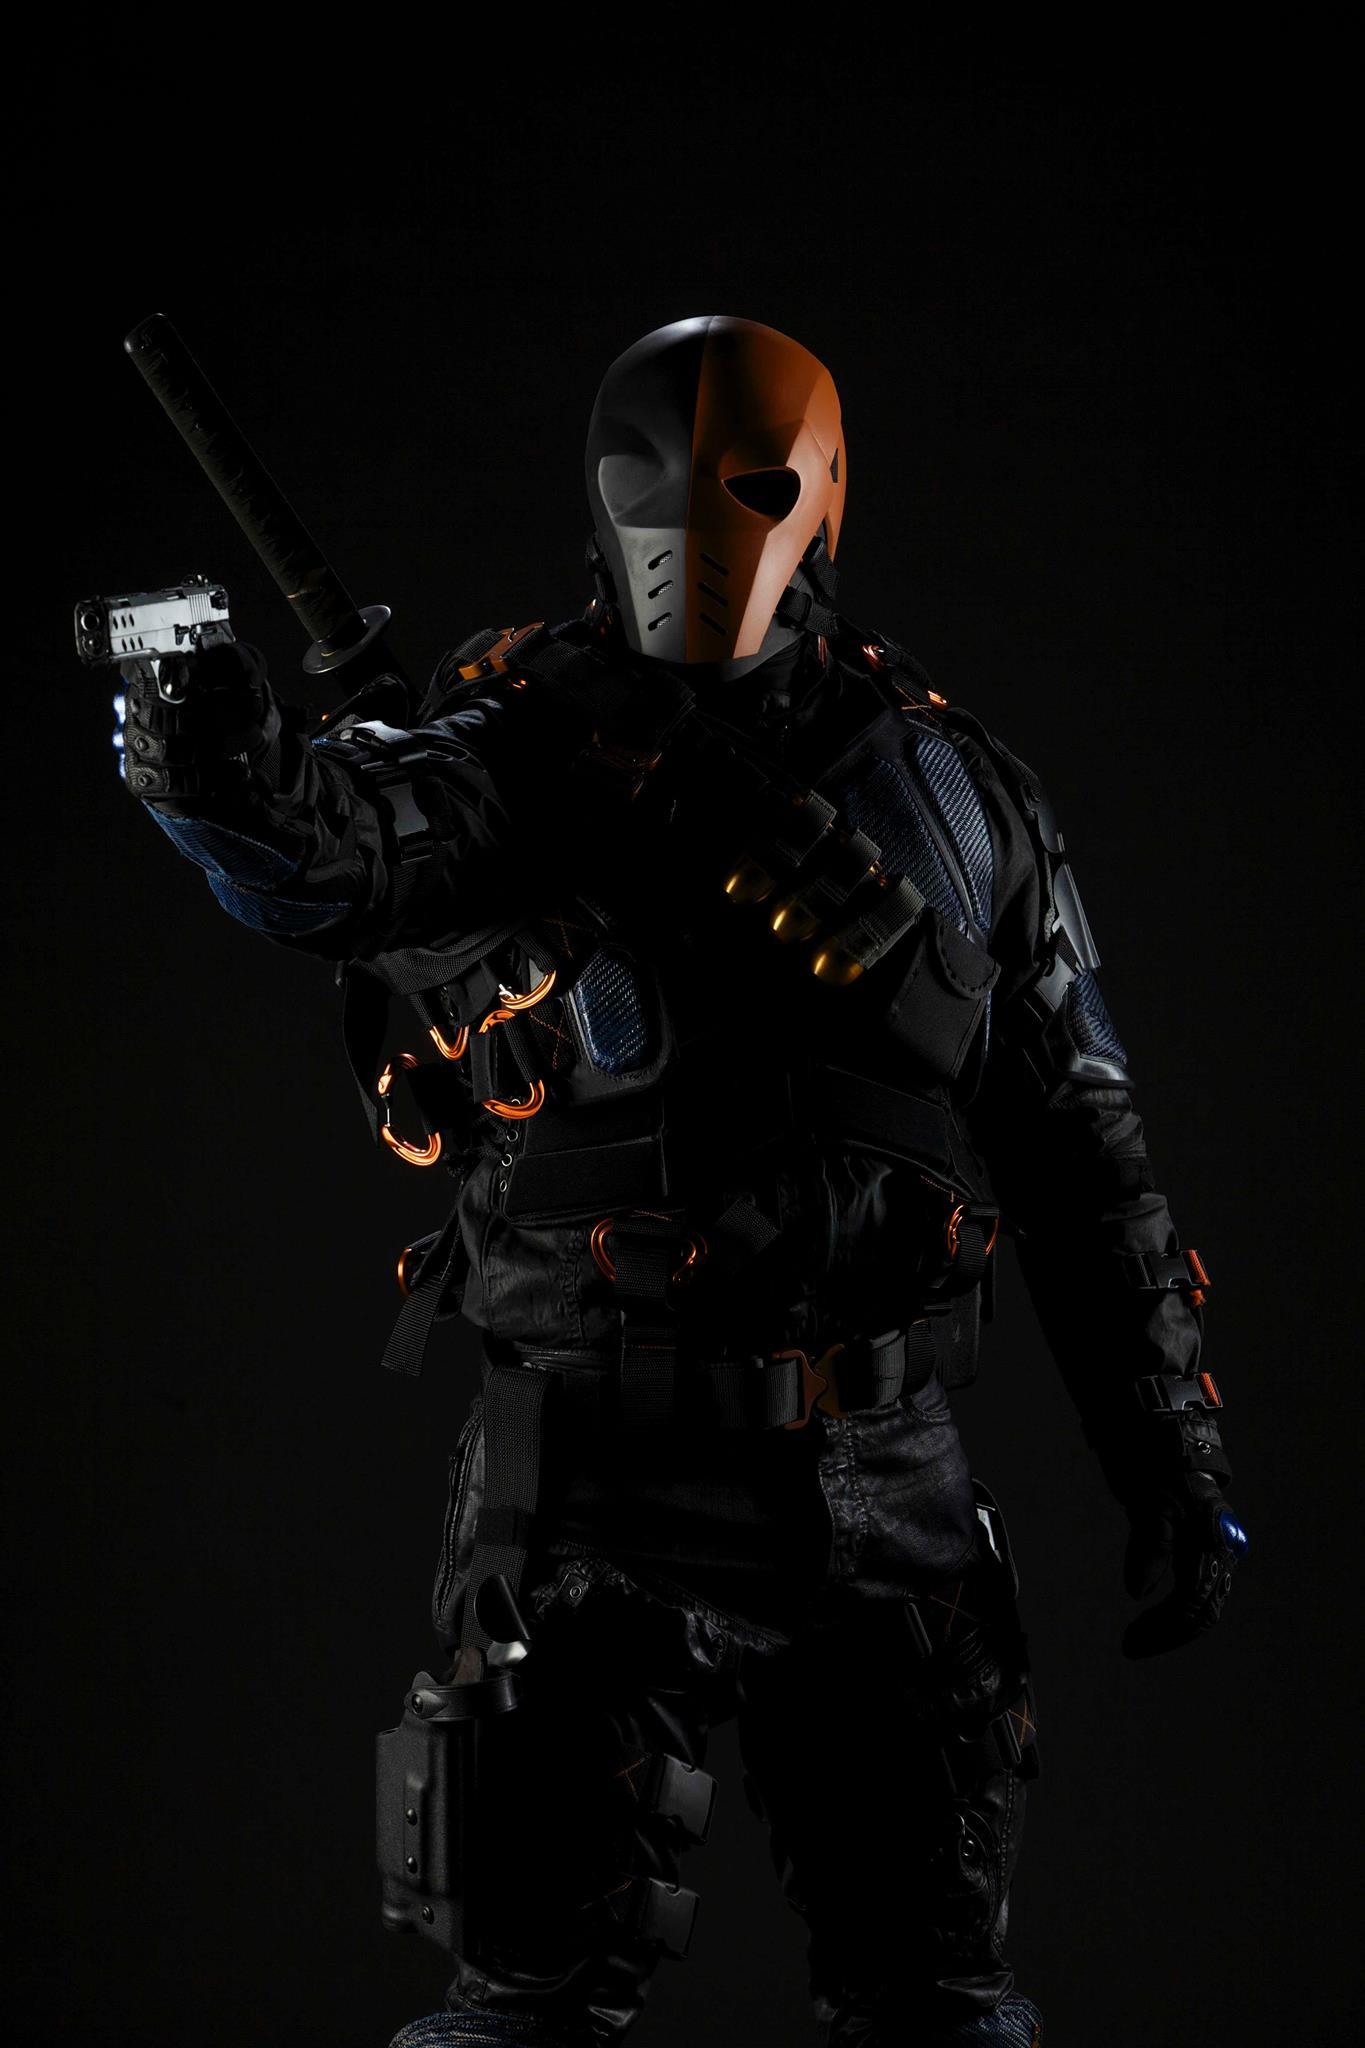 Deathstroke-Arrow & Deathstroke (Arrowverse) | Villains Wiki | FANDOM powered by Wikia